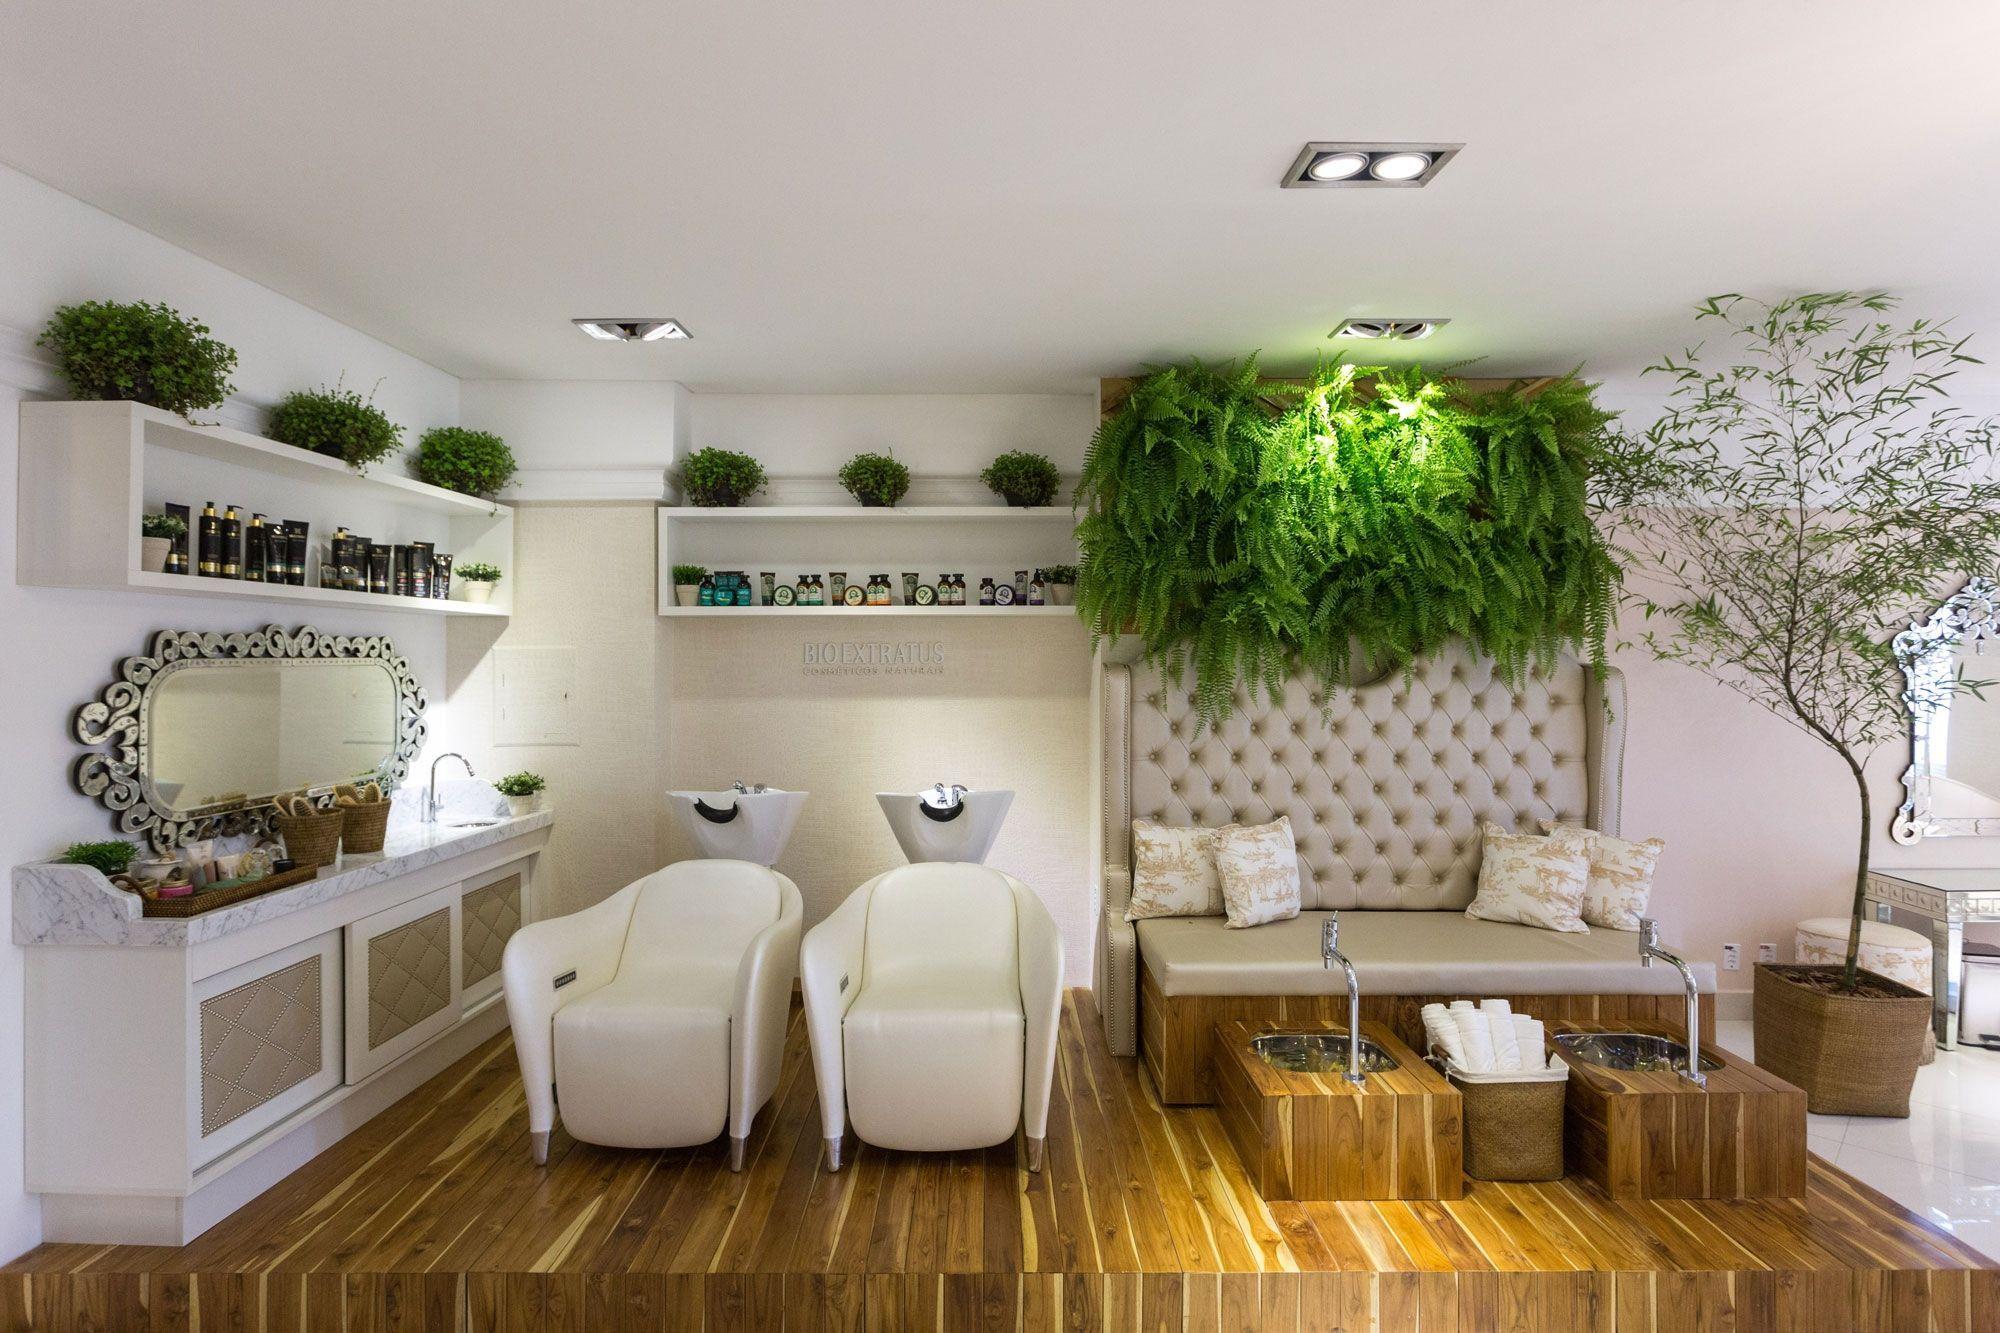 19 Decoracion Salon Tema Italia 19 Check more at https://www